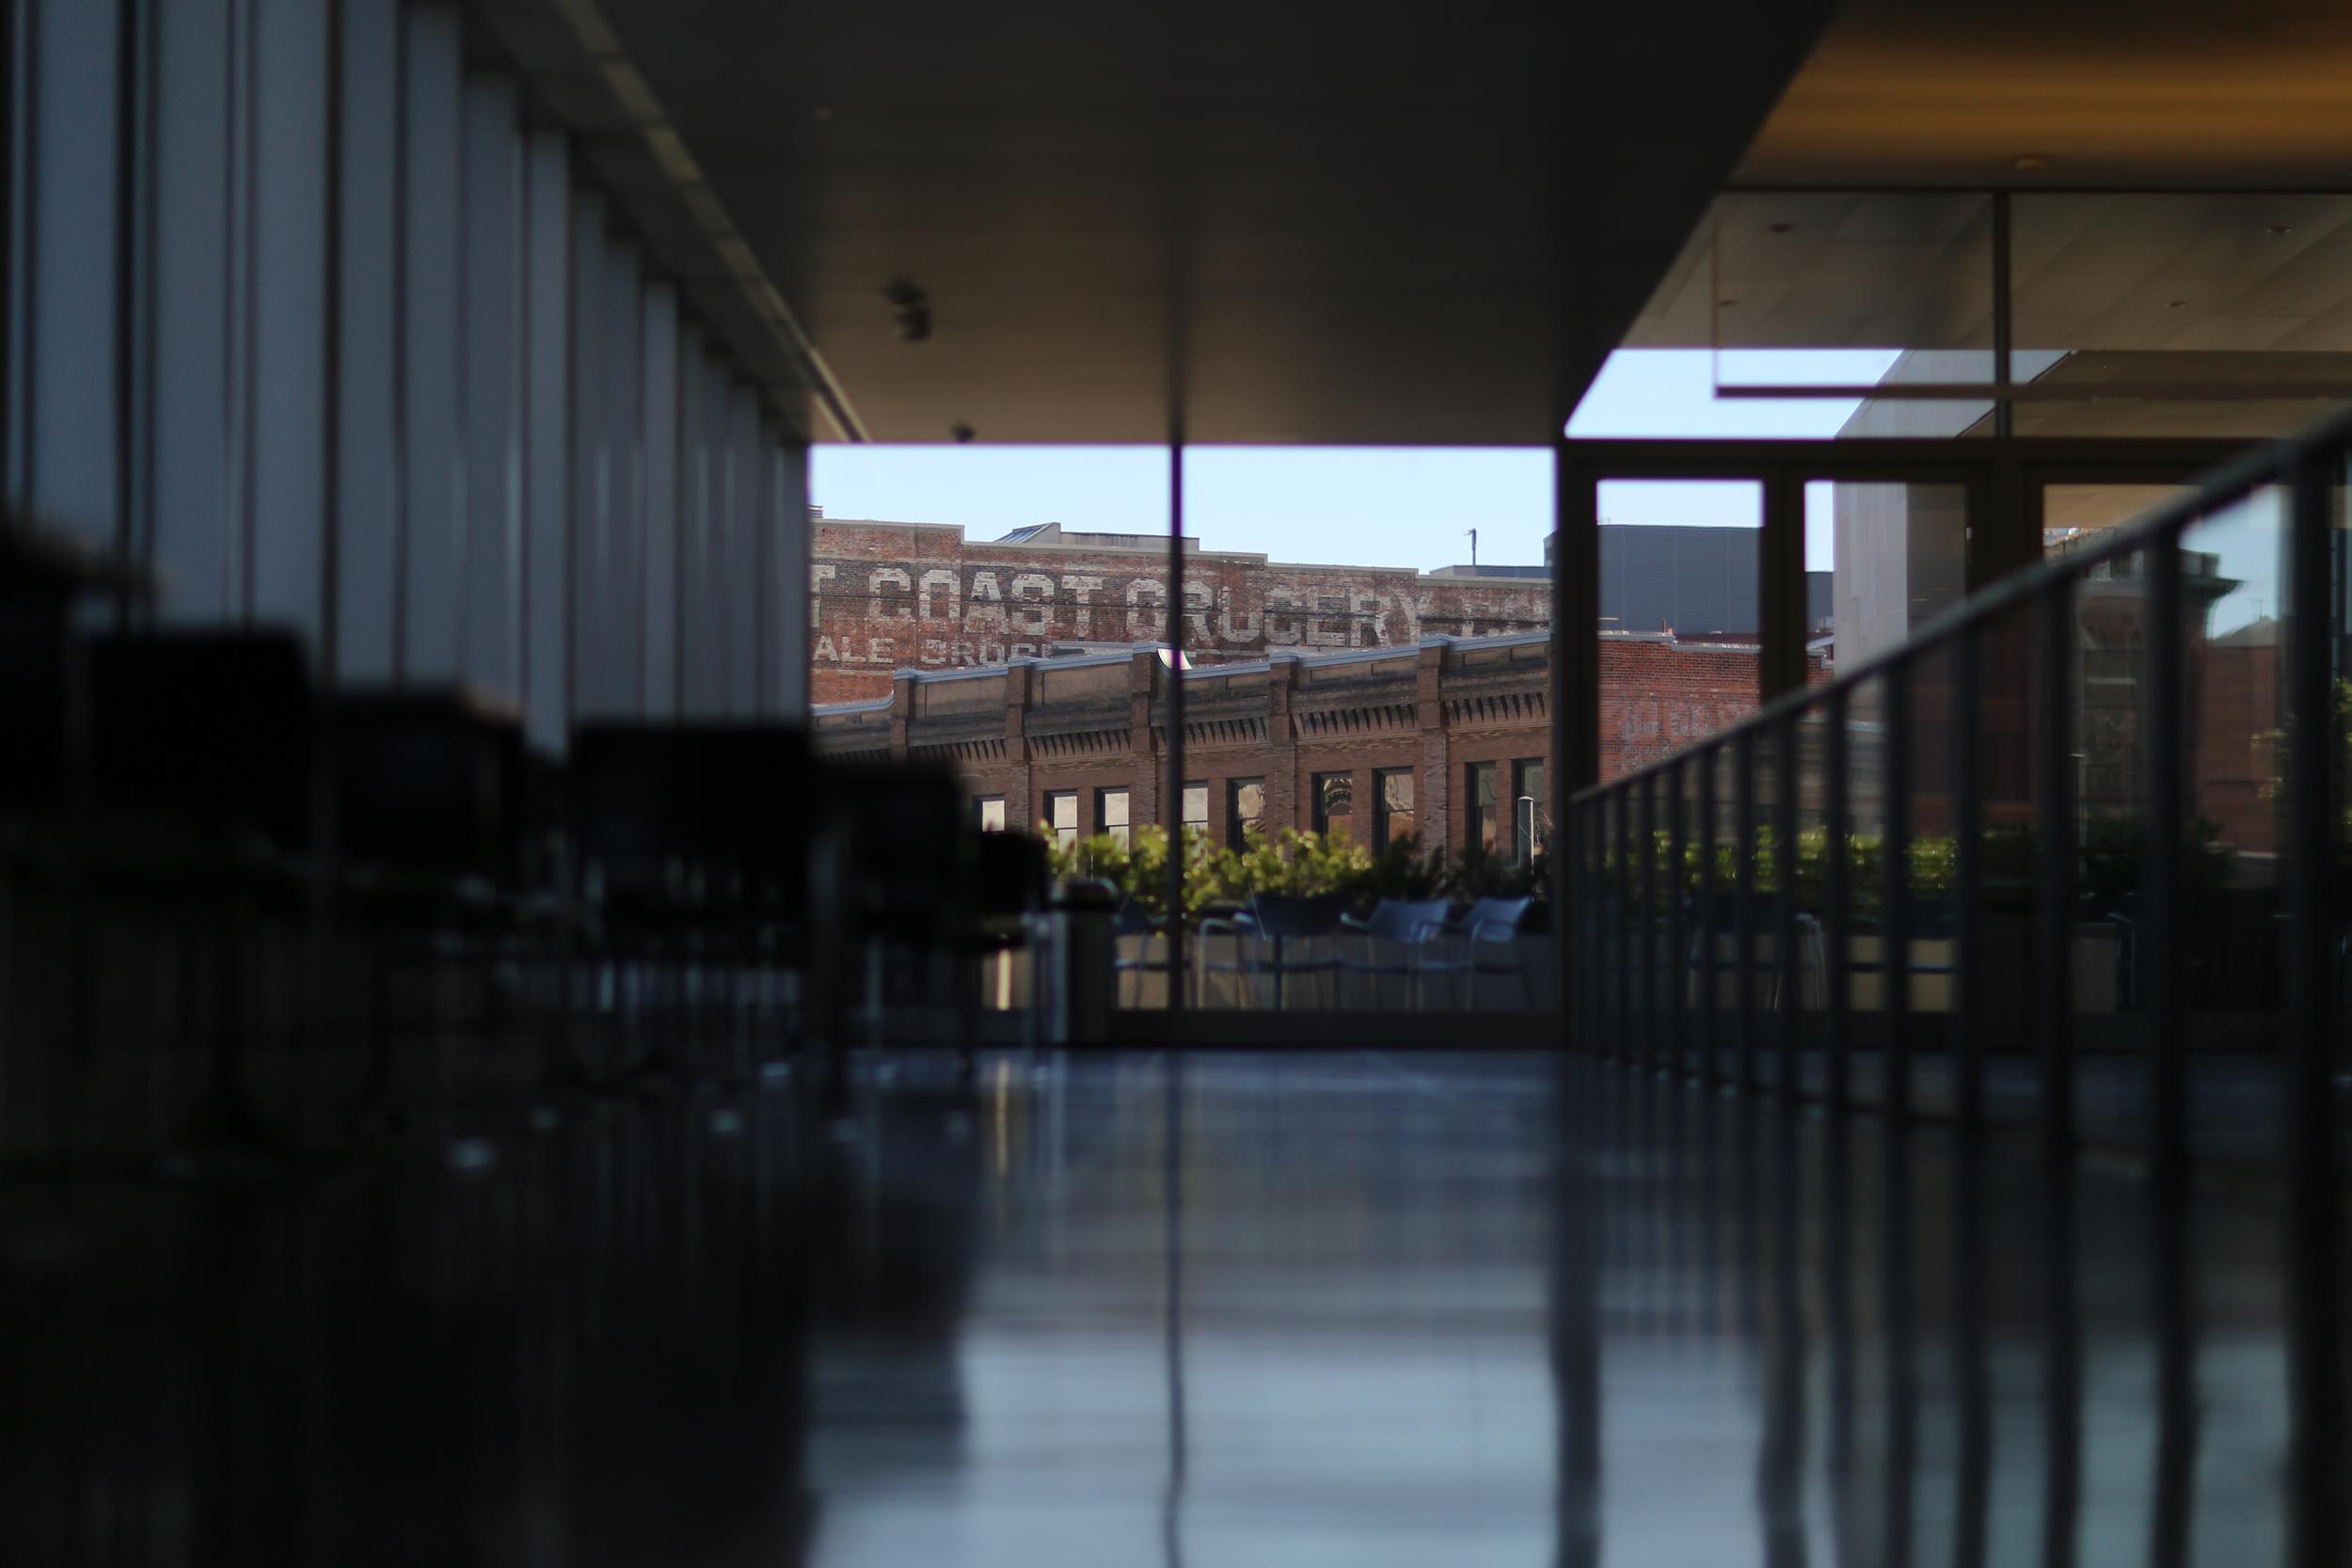 Walking to the Tacoma Art Museum balcony